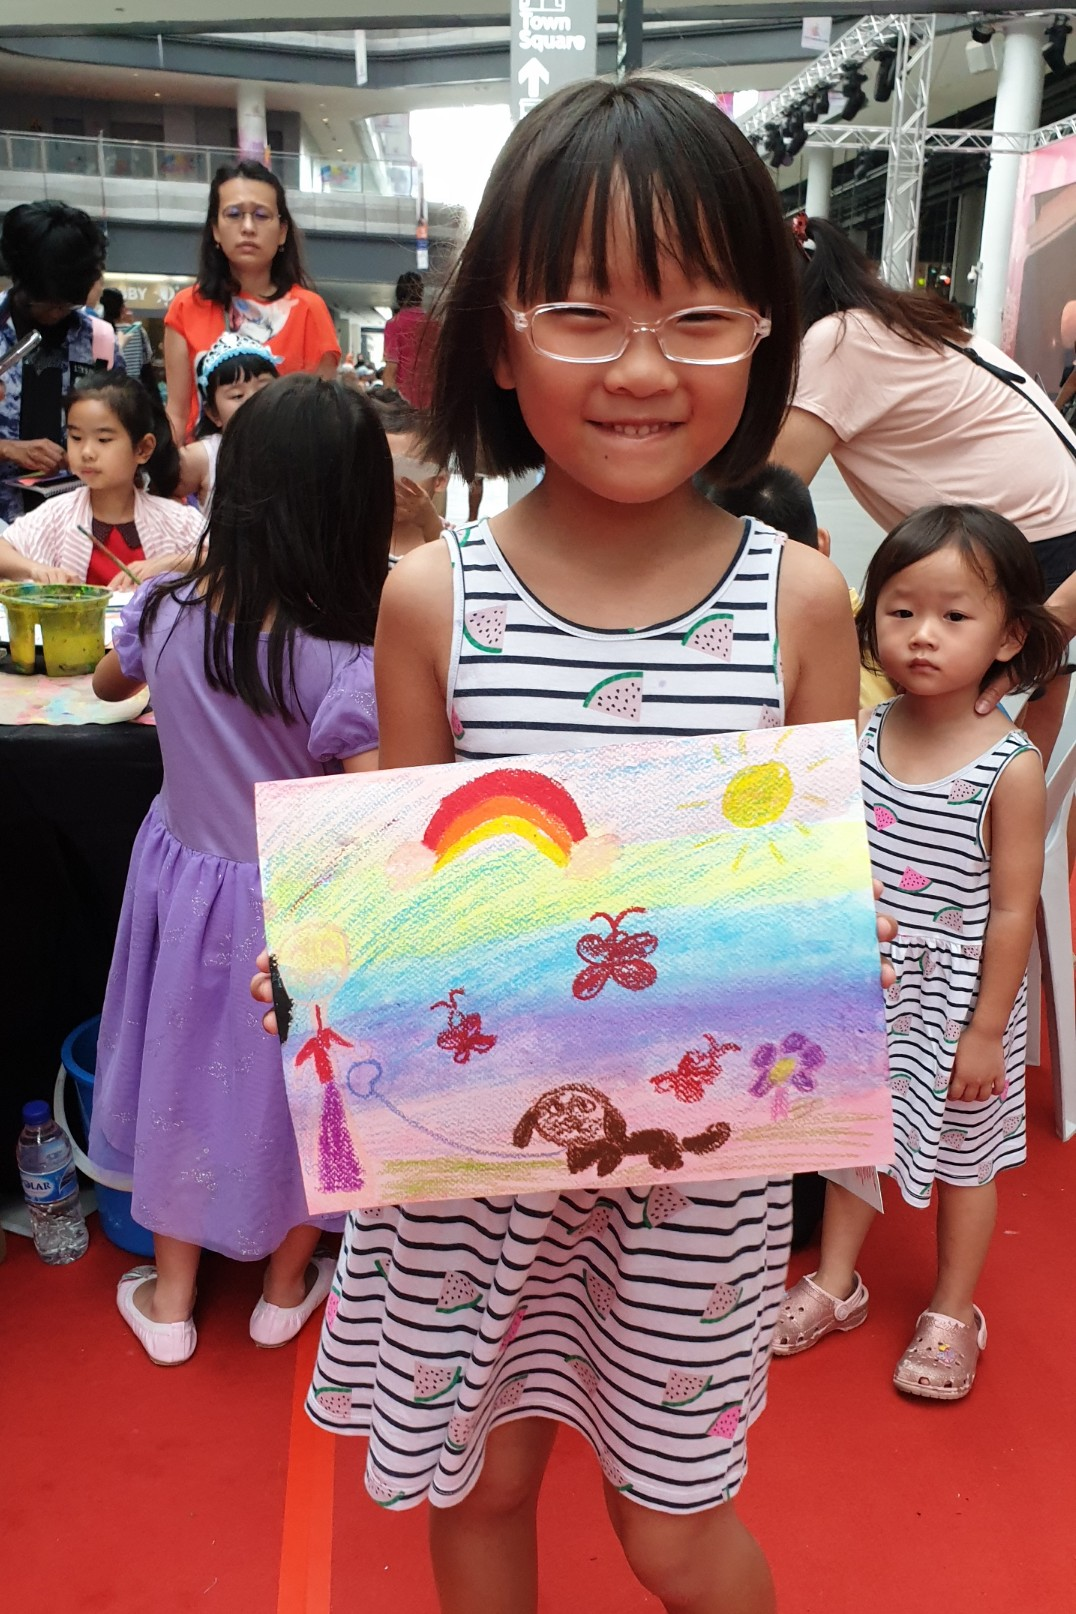 Elisa-Liu-Art-SAMH-Painting-Workshop-17.jpg